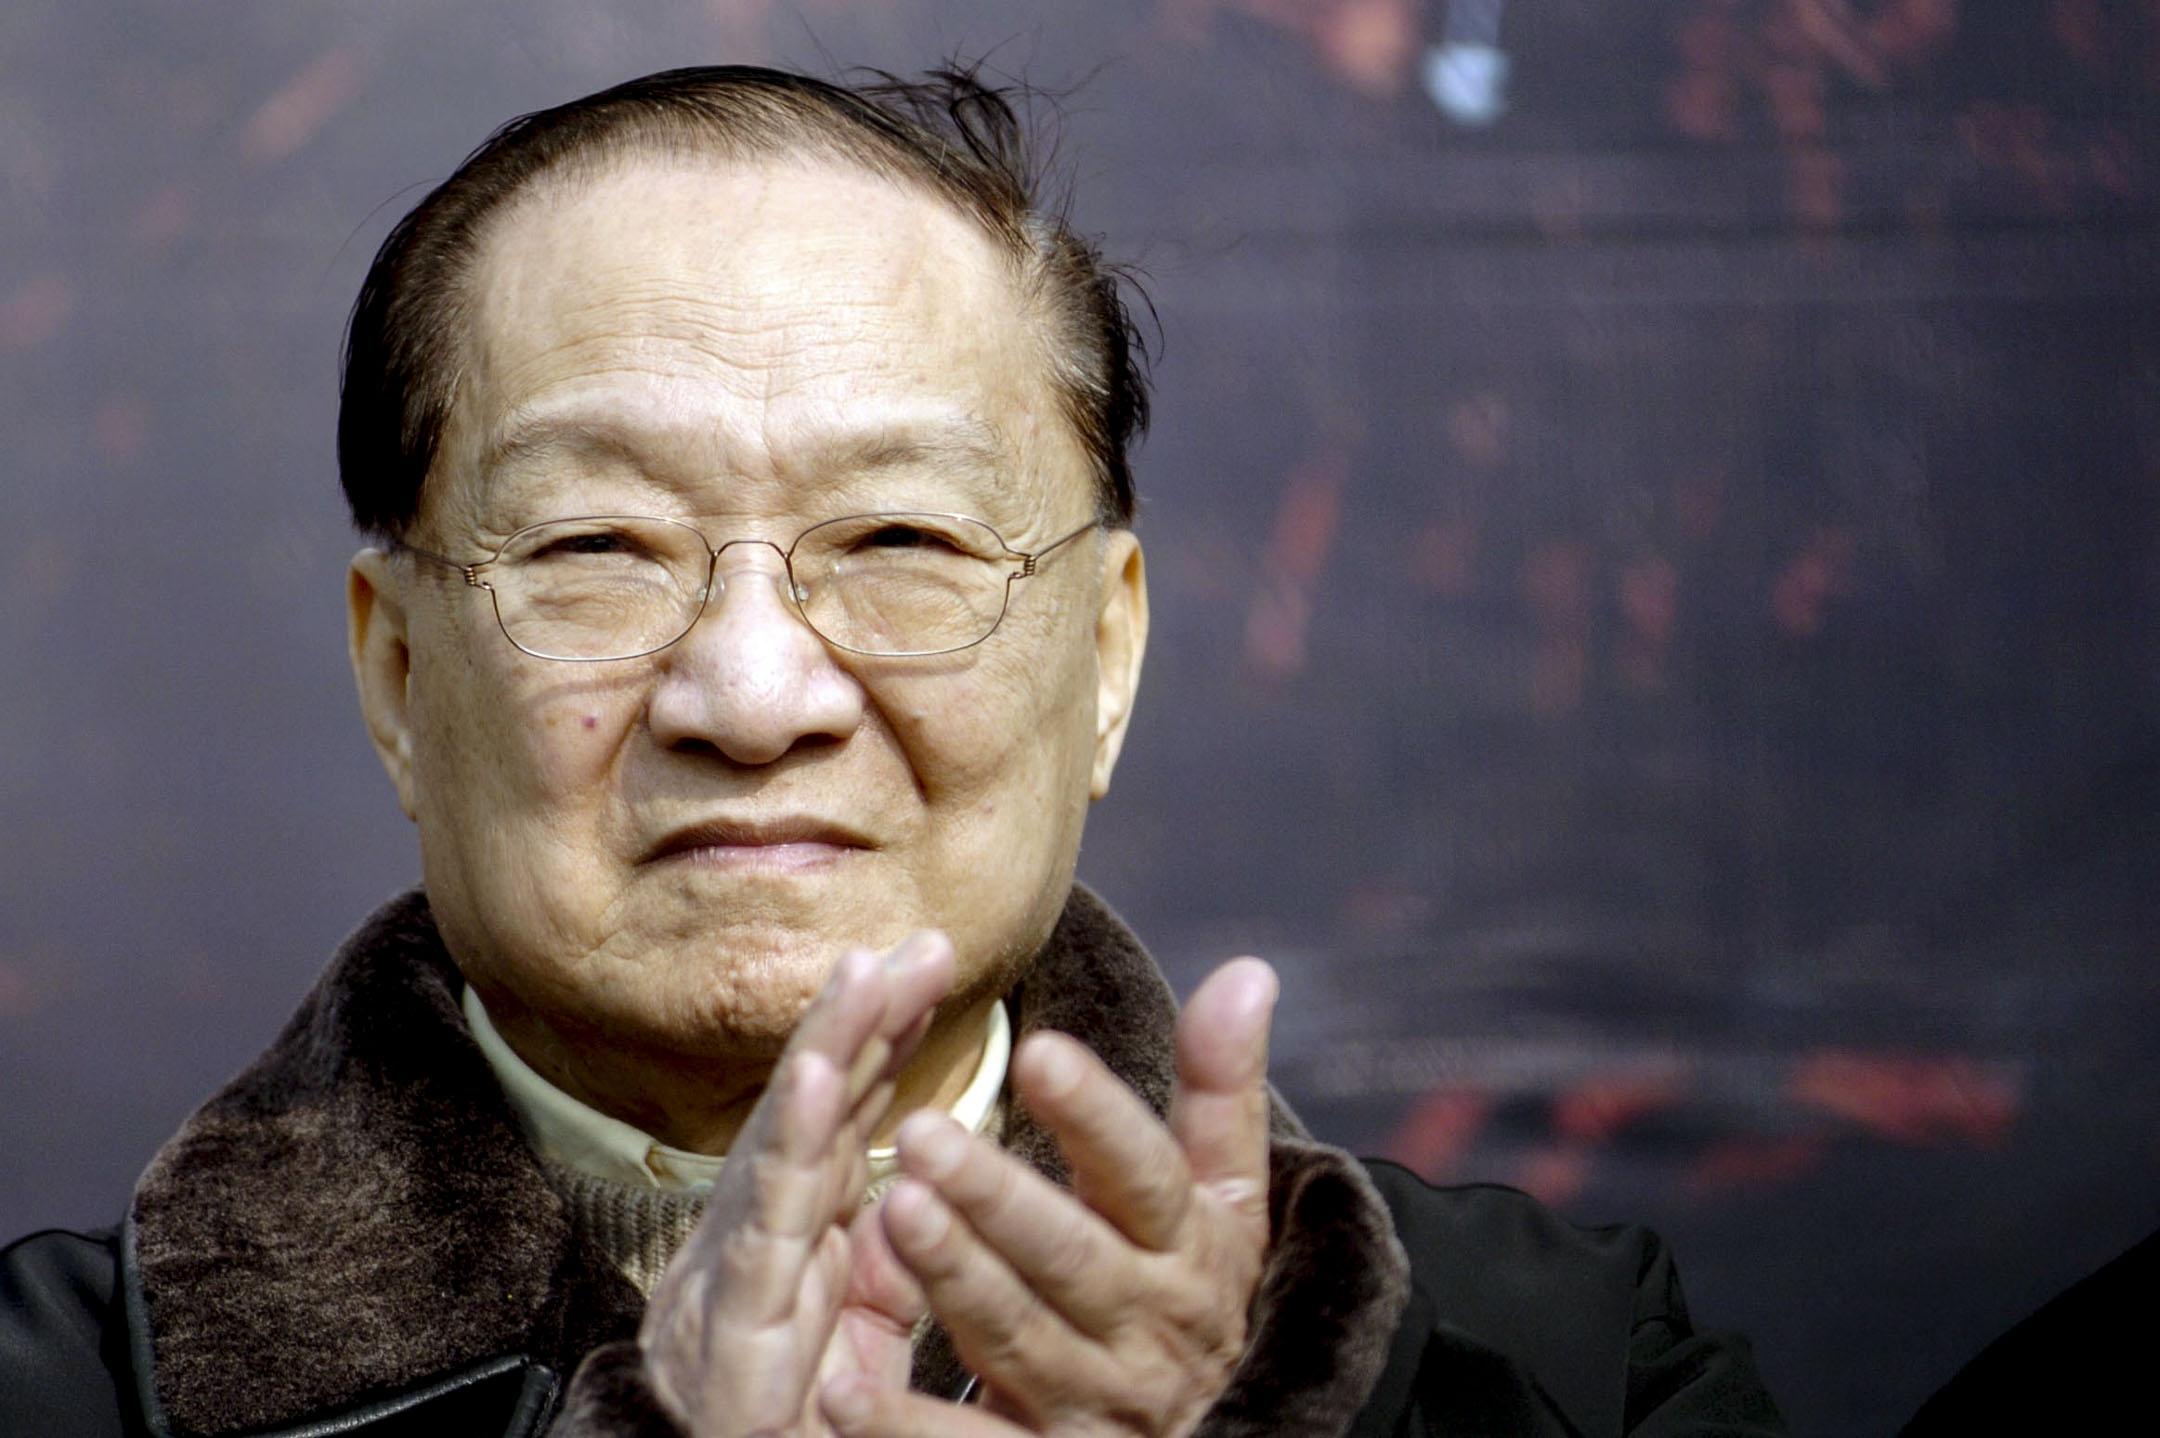 《明報》創辦人、著名作家查良鏞(又名金庸)逝世,享年94歲。 攝:VCG via Getty Images